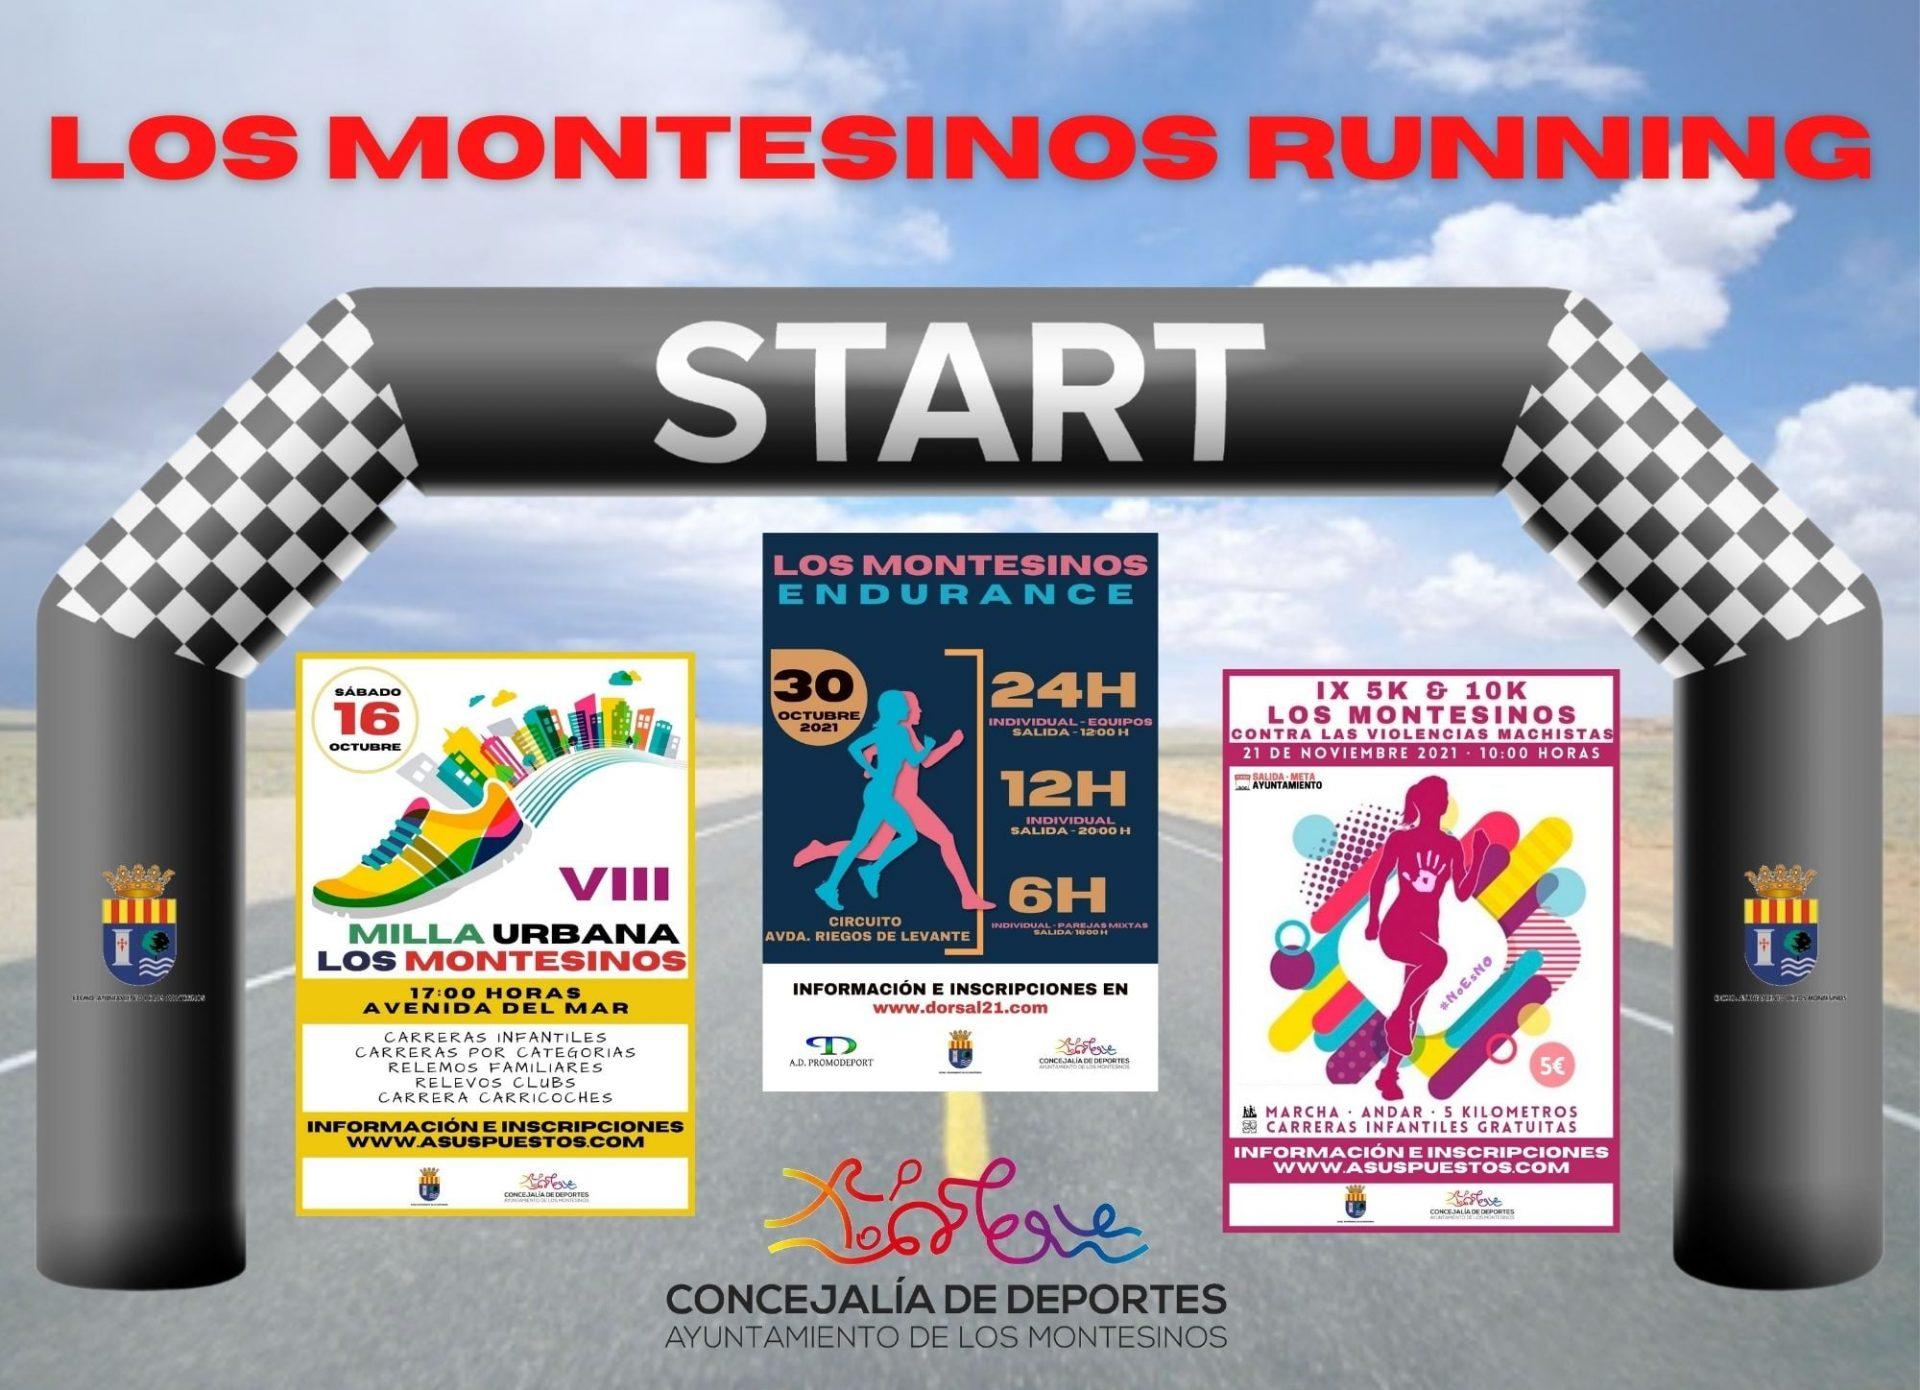 Circuito de Carreras 'Los Montesinos Running' 2021